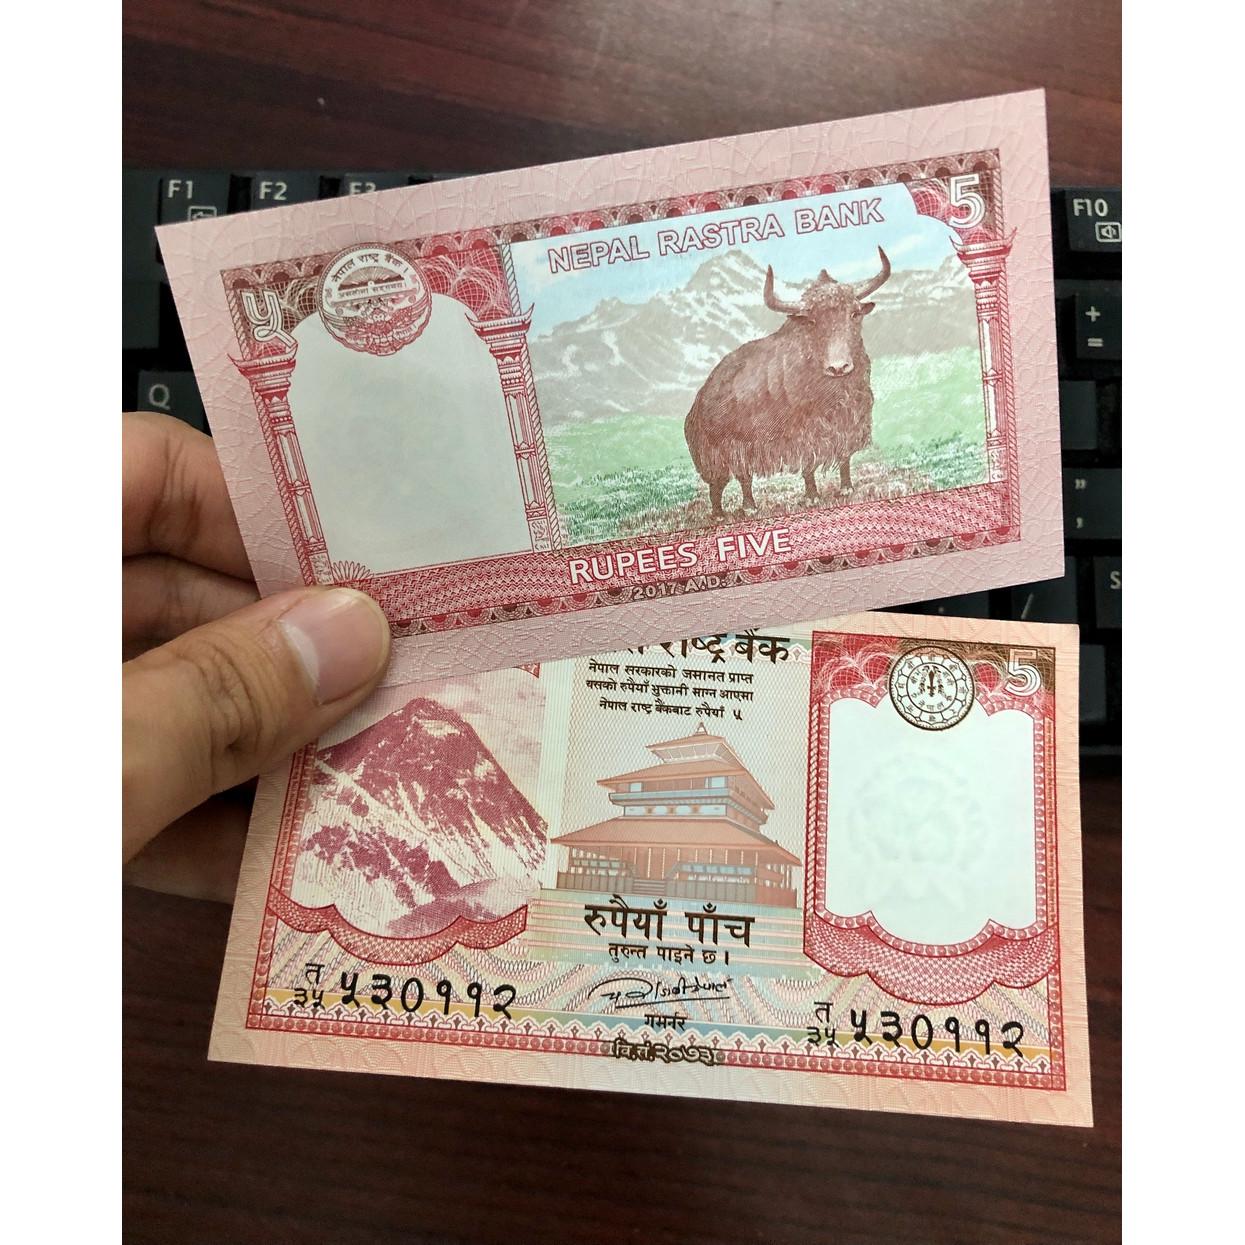 Tờ tiền hình con trâu Nepal 5 Rupees bên cạnh đỉnh Hymalaya kèm bao lì xì - The Merrick Mint